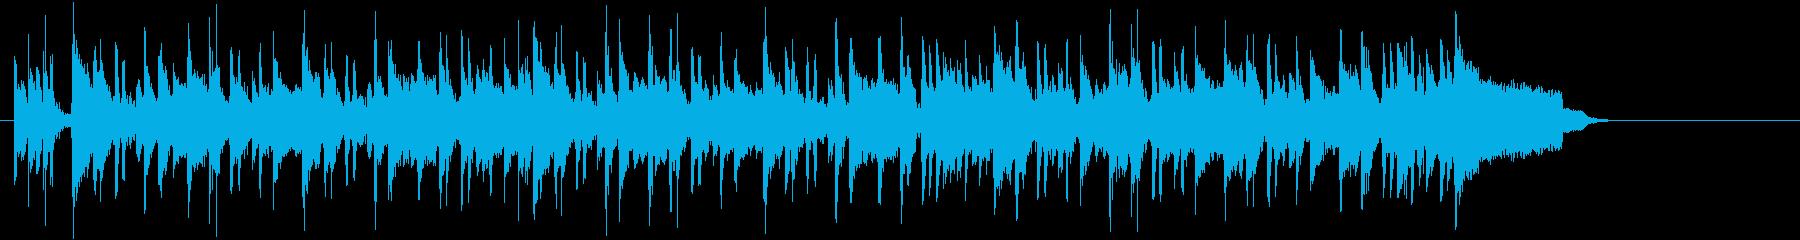 ピアノの旋律が爽やかなファンクBGMの再生済みの波形